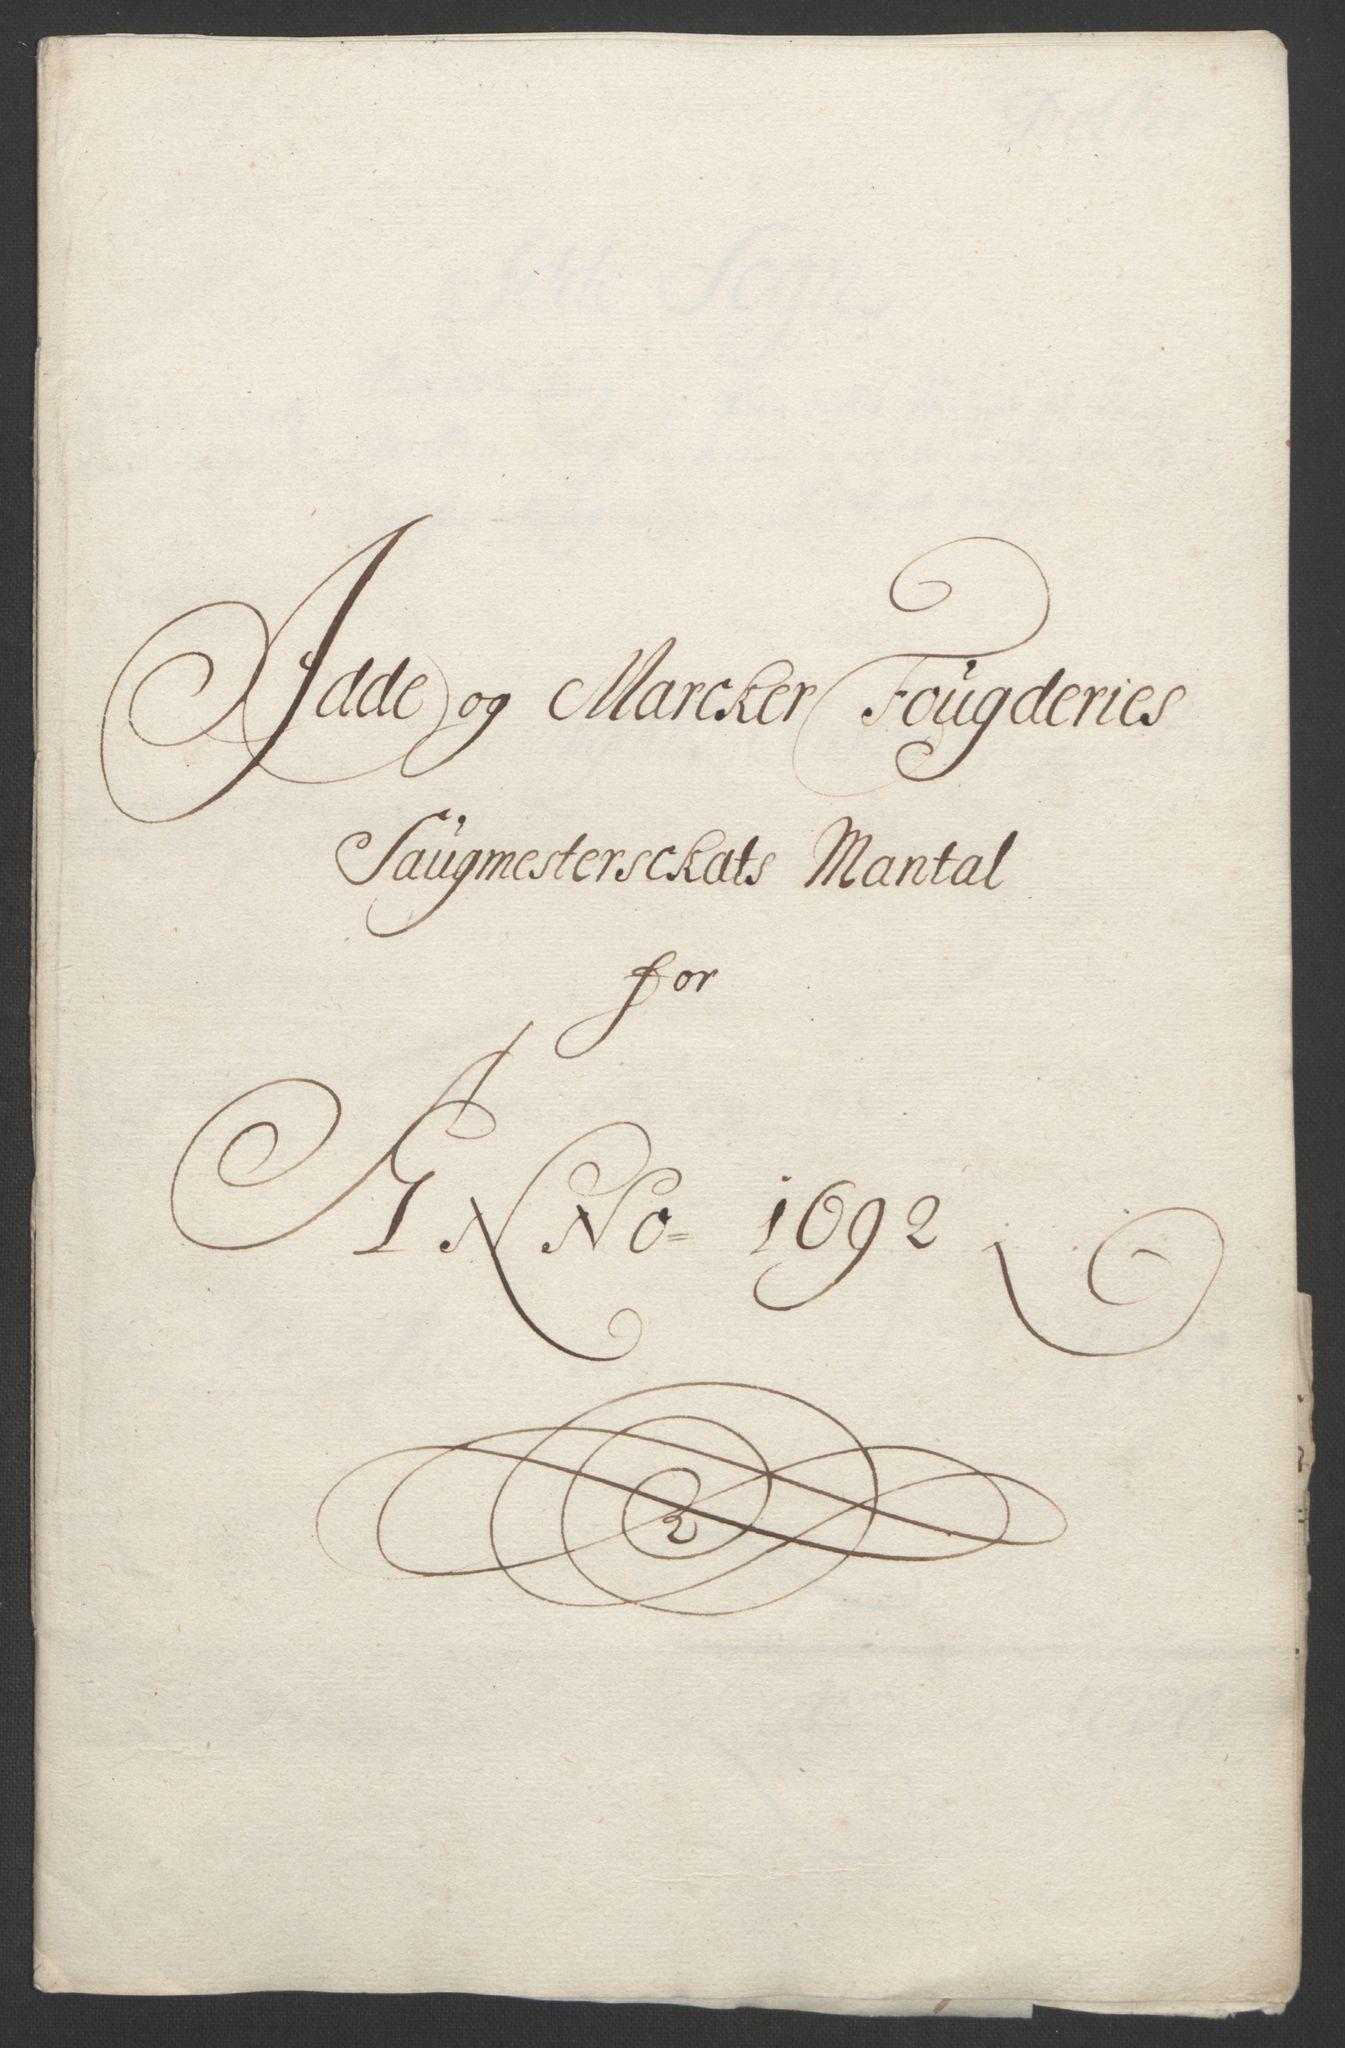 RA, Rentekammeret inntil 1814, Reviderte regnskaper, Fogderegnskap, R01/L0011: Fogderegnskap Idd og Marker, 1692-1693, s. 89